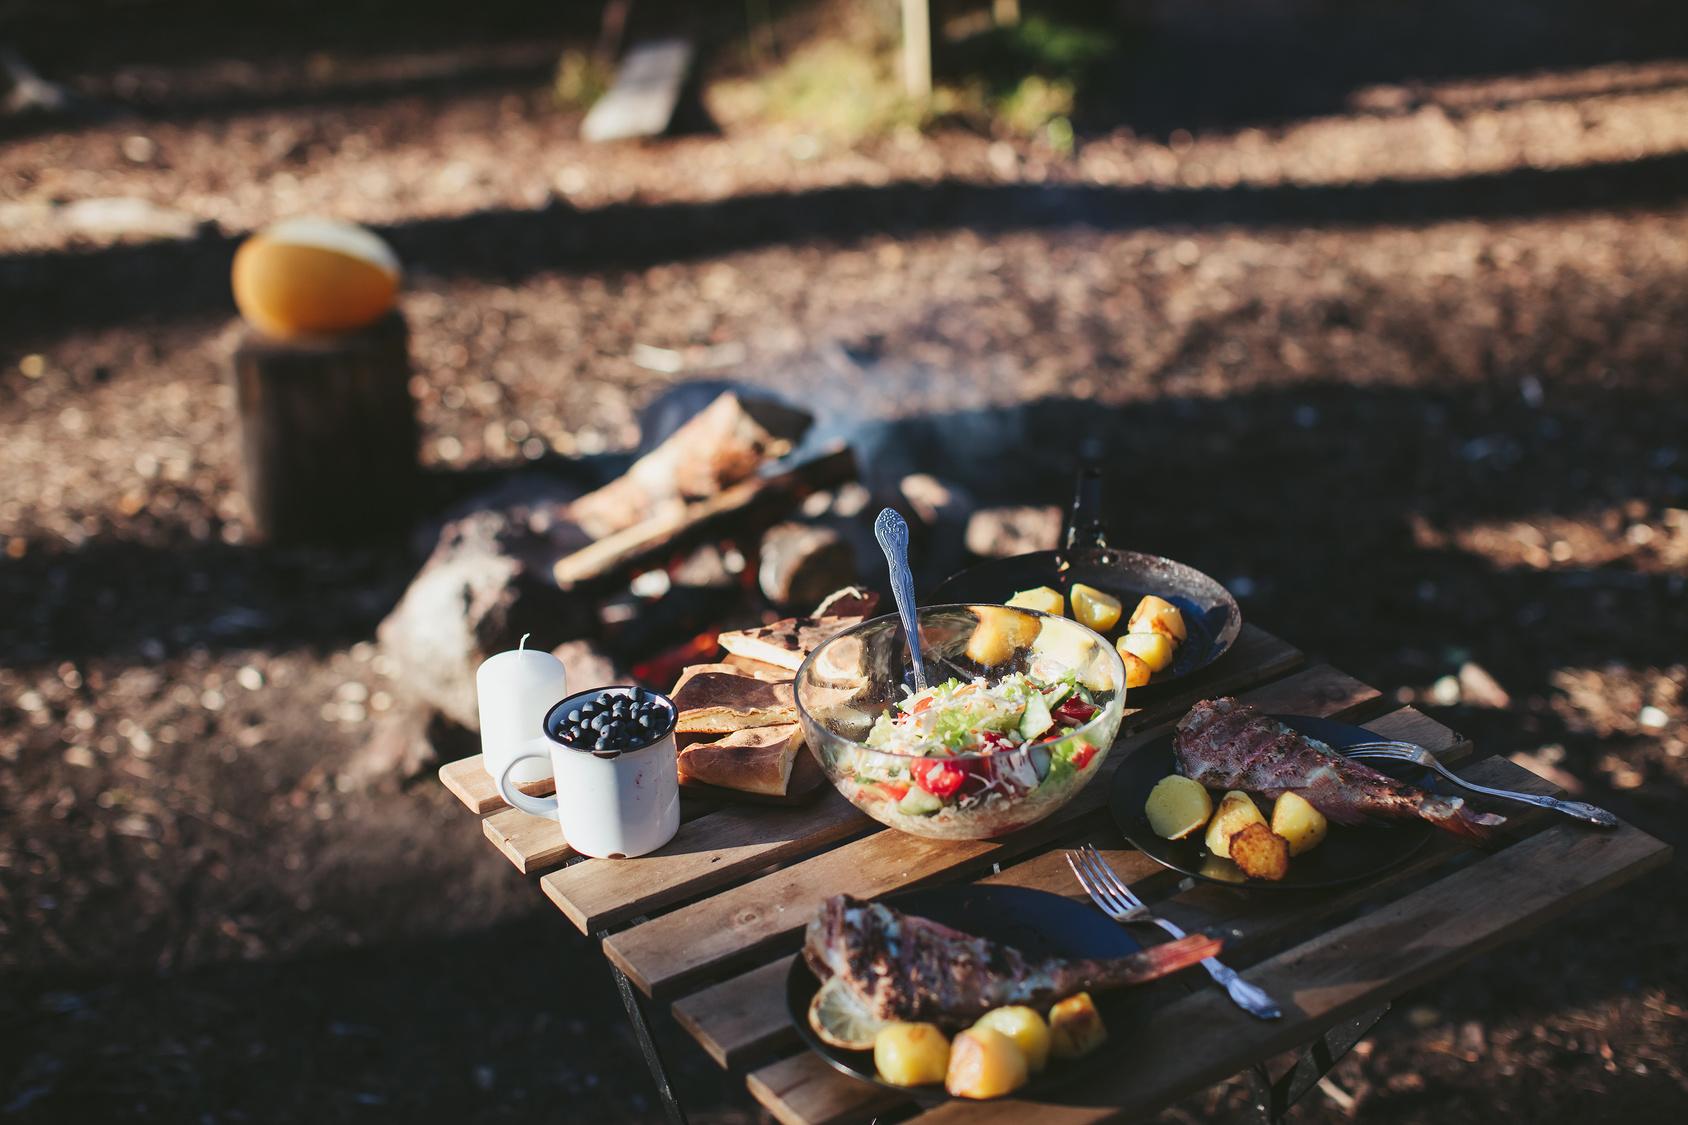 <b>Gastronomický průvodce cestovatele: Jídlo při cestách autem a karavanem (1.)</b>